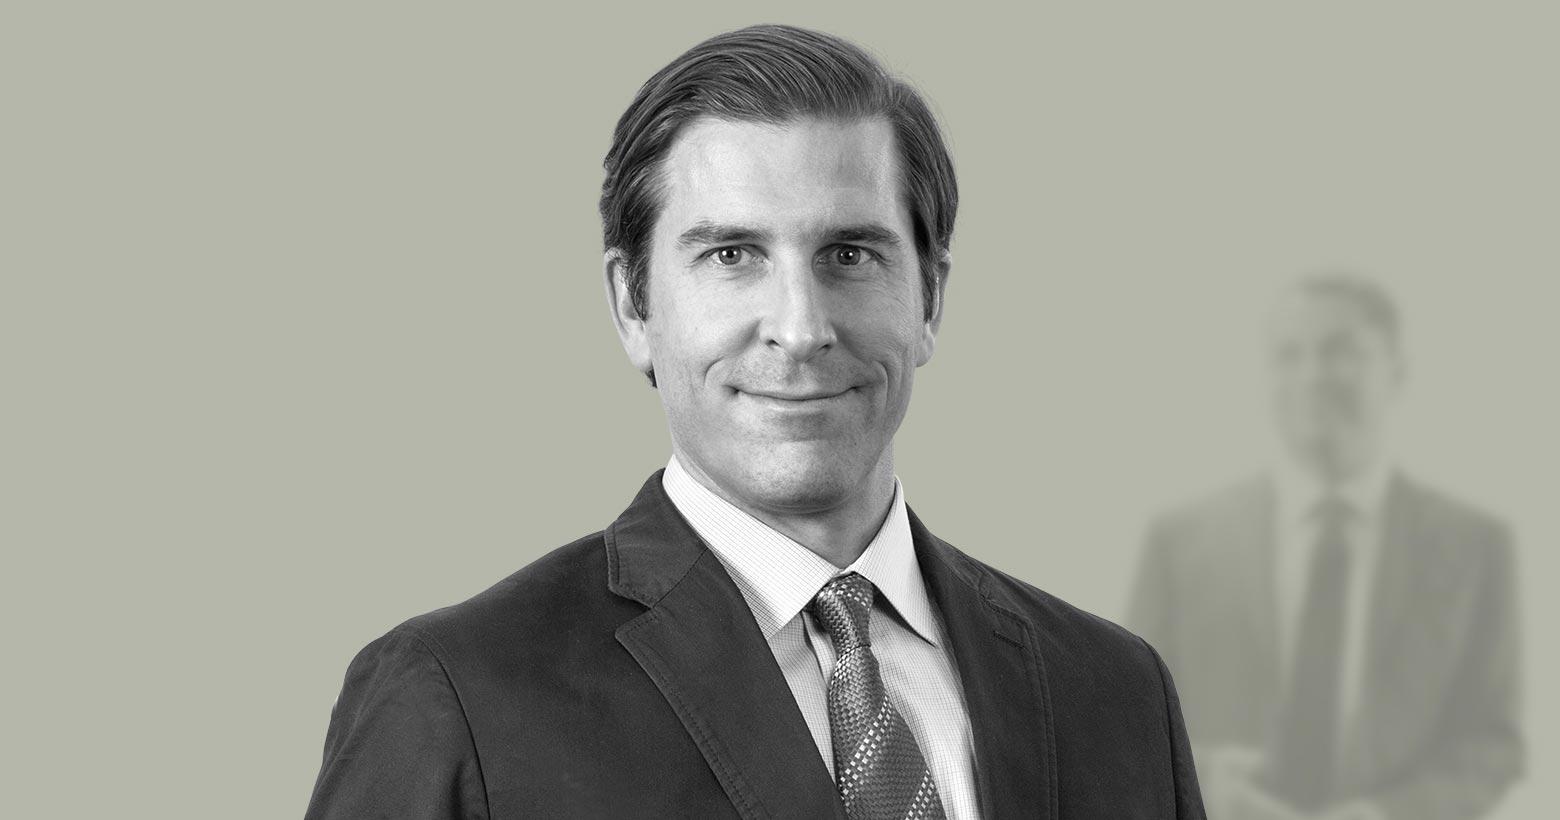 Adam C. Furber